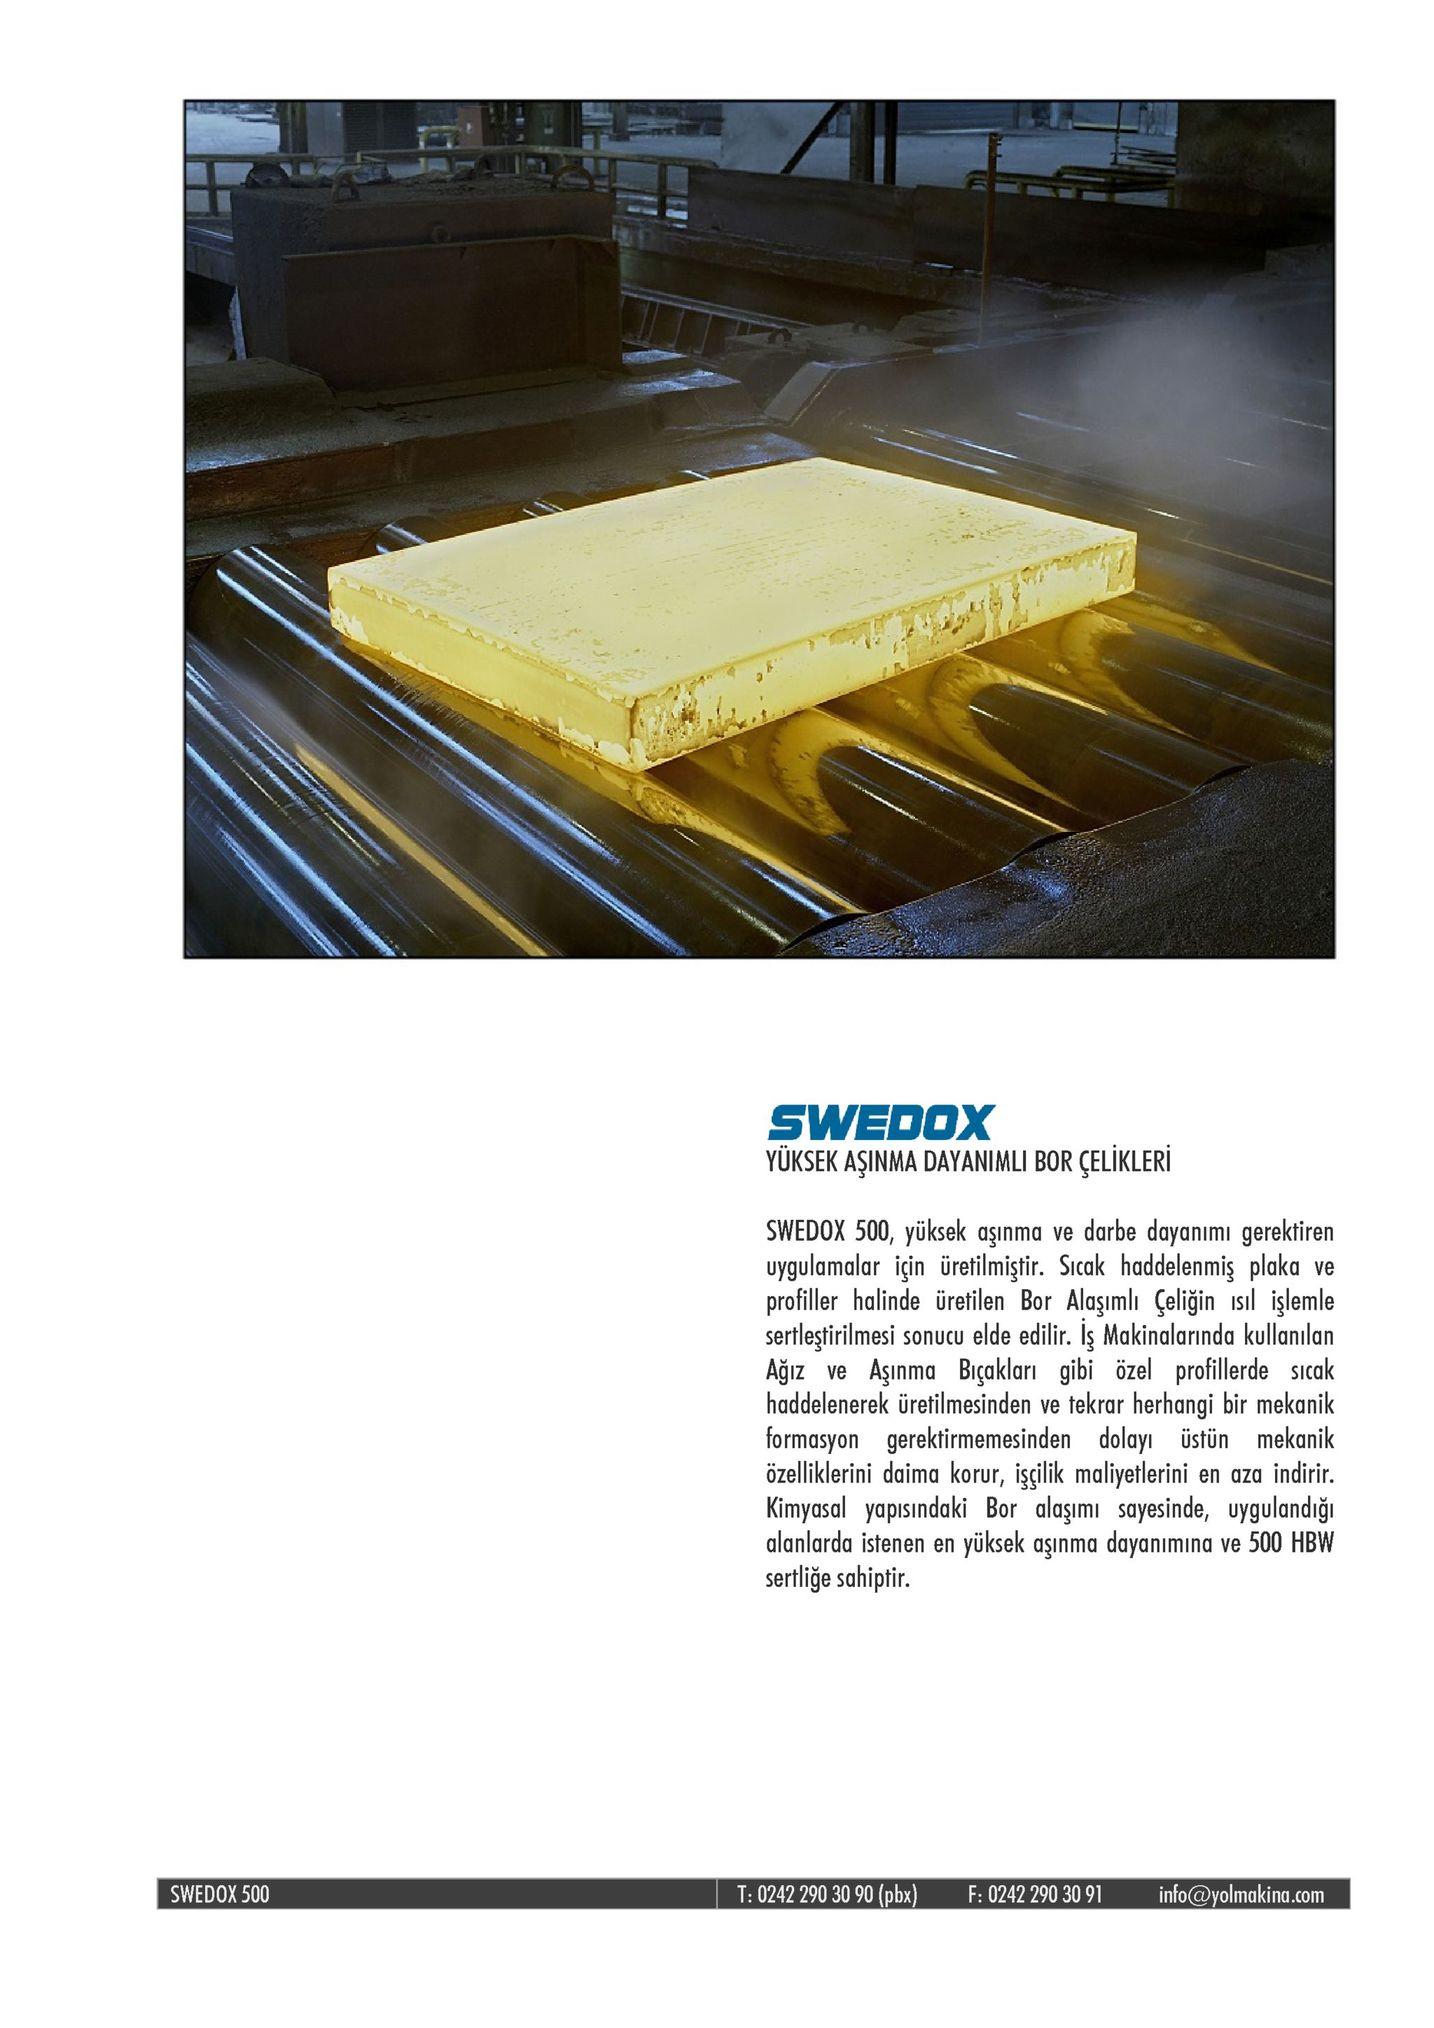 swedox yüksek aşinma dayanimli bor çelikleri swedox 500, yüksek aşinma ve darbe dayanımi gerektiren uygulamalar iin üretilmiştir. sicak haddelenmiş plaka ve profiller halinde üretilen bor alaşımlı çeliğin l işlemle sertleştirilmesi sonucu elde edilir. iş makinalarında kullanılan ağiz ve ainma biçakları gibi özel profillerde sicak haddelenerek üretilmesinden ve tekrar herhangi bir mekanik formasyon gerektirmemesinden dolay üstün mekanik özelliklerini daima korur, işçilik maliyetlerini en aza indirir. kimyasal yapisindaki bor alaşımi sayesinde, uygulandiğ alanlarda istenen en yüksek aşinma dayanimina ve 500 hbw sertliğe sahiptir. swedox 500 t:0242 290 30 90 (pbx) f: 0242 290 3091 info@yolmakina.com